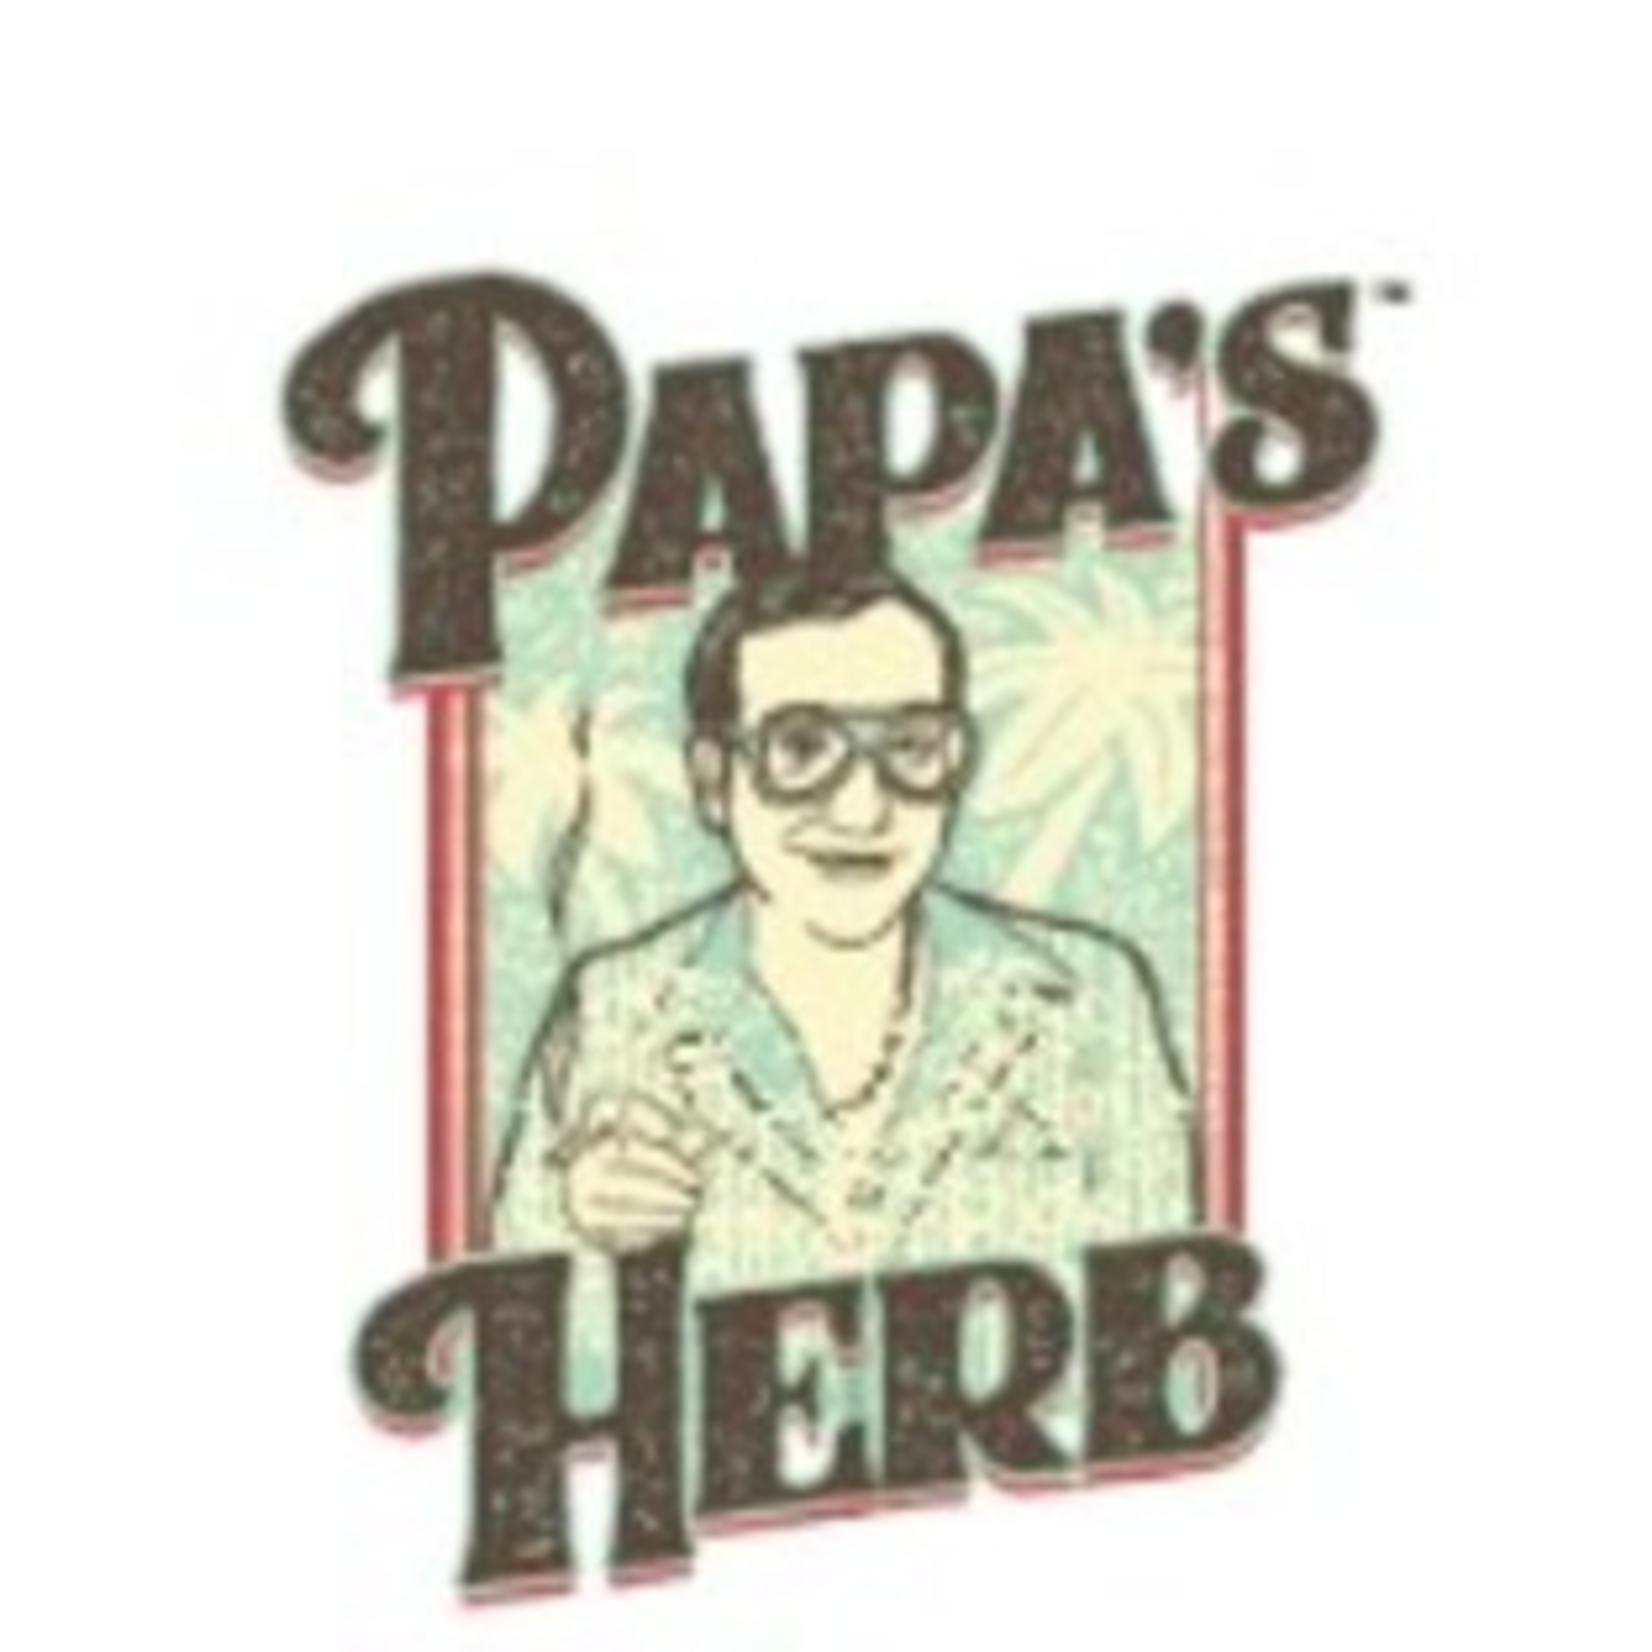 Papas Herb - Pineapple Express 1/2g